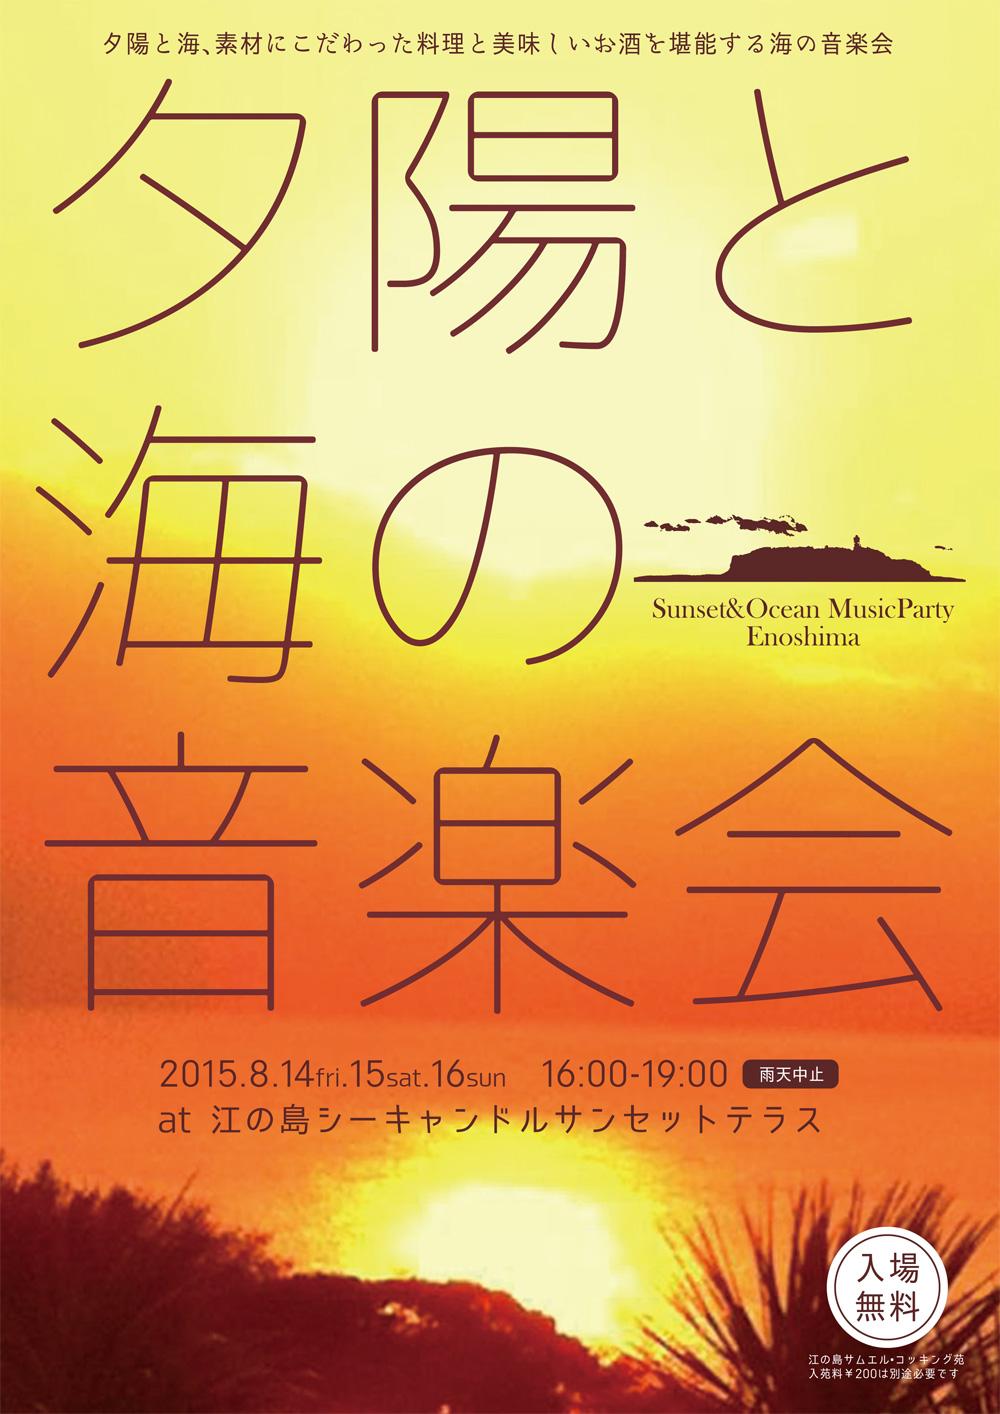 【随時更新】8・14(金)◉16:00-19:00 無料 ♬Saigenji x KTa☆brasil【夕陽と海の音楽祭】江ノ島→_b0032617_1415476.jpg